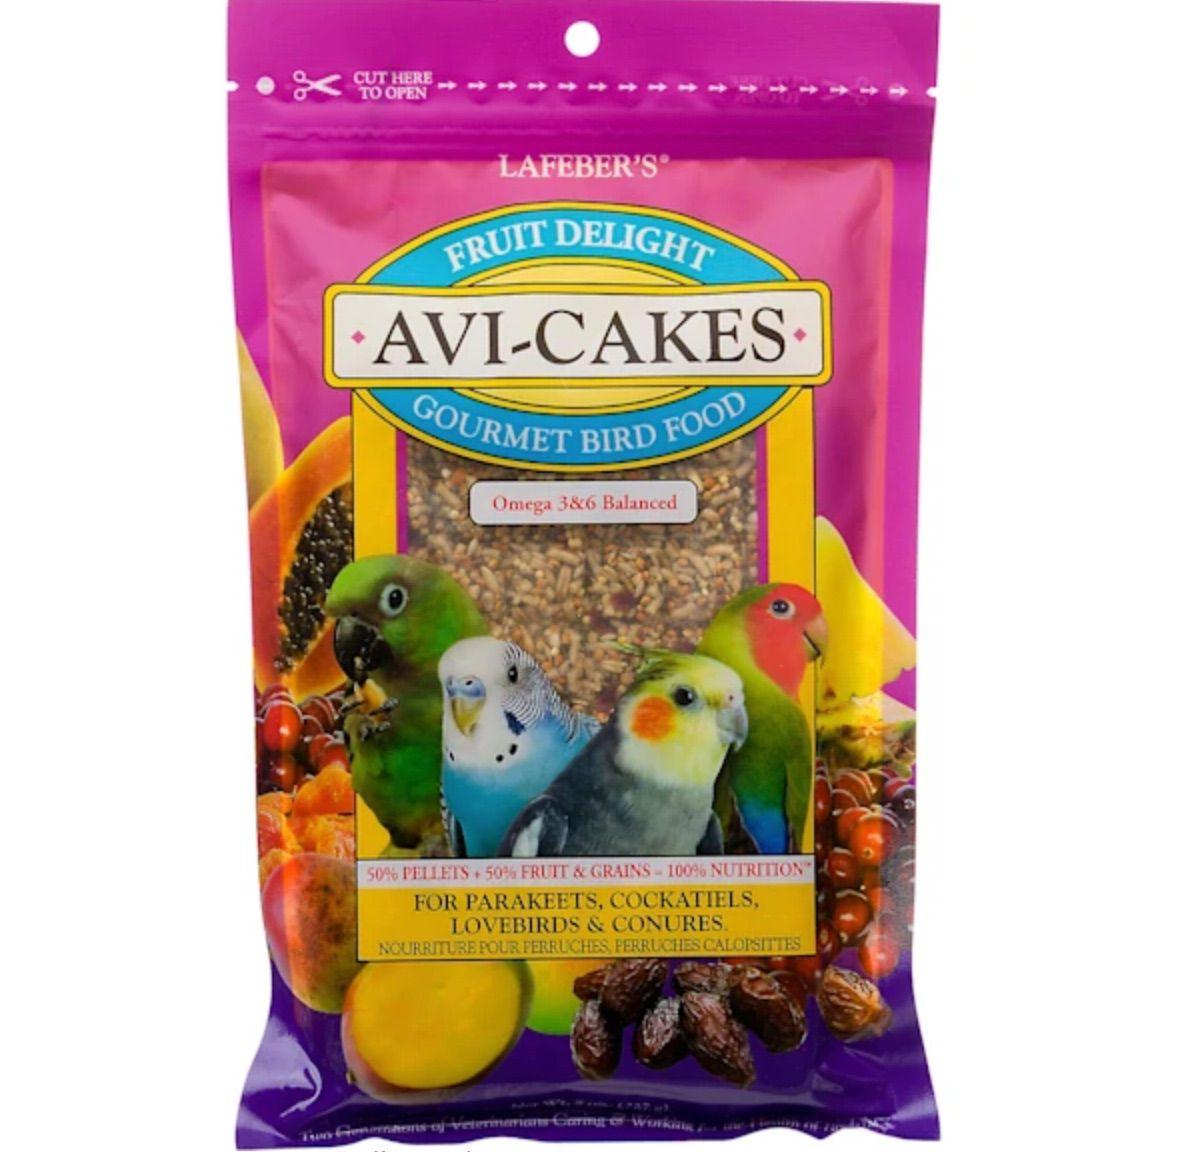 Lafeber's Fruit Delight Avi-Cakes